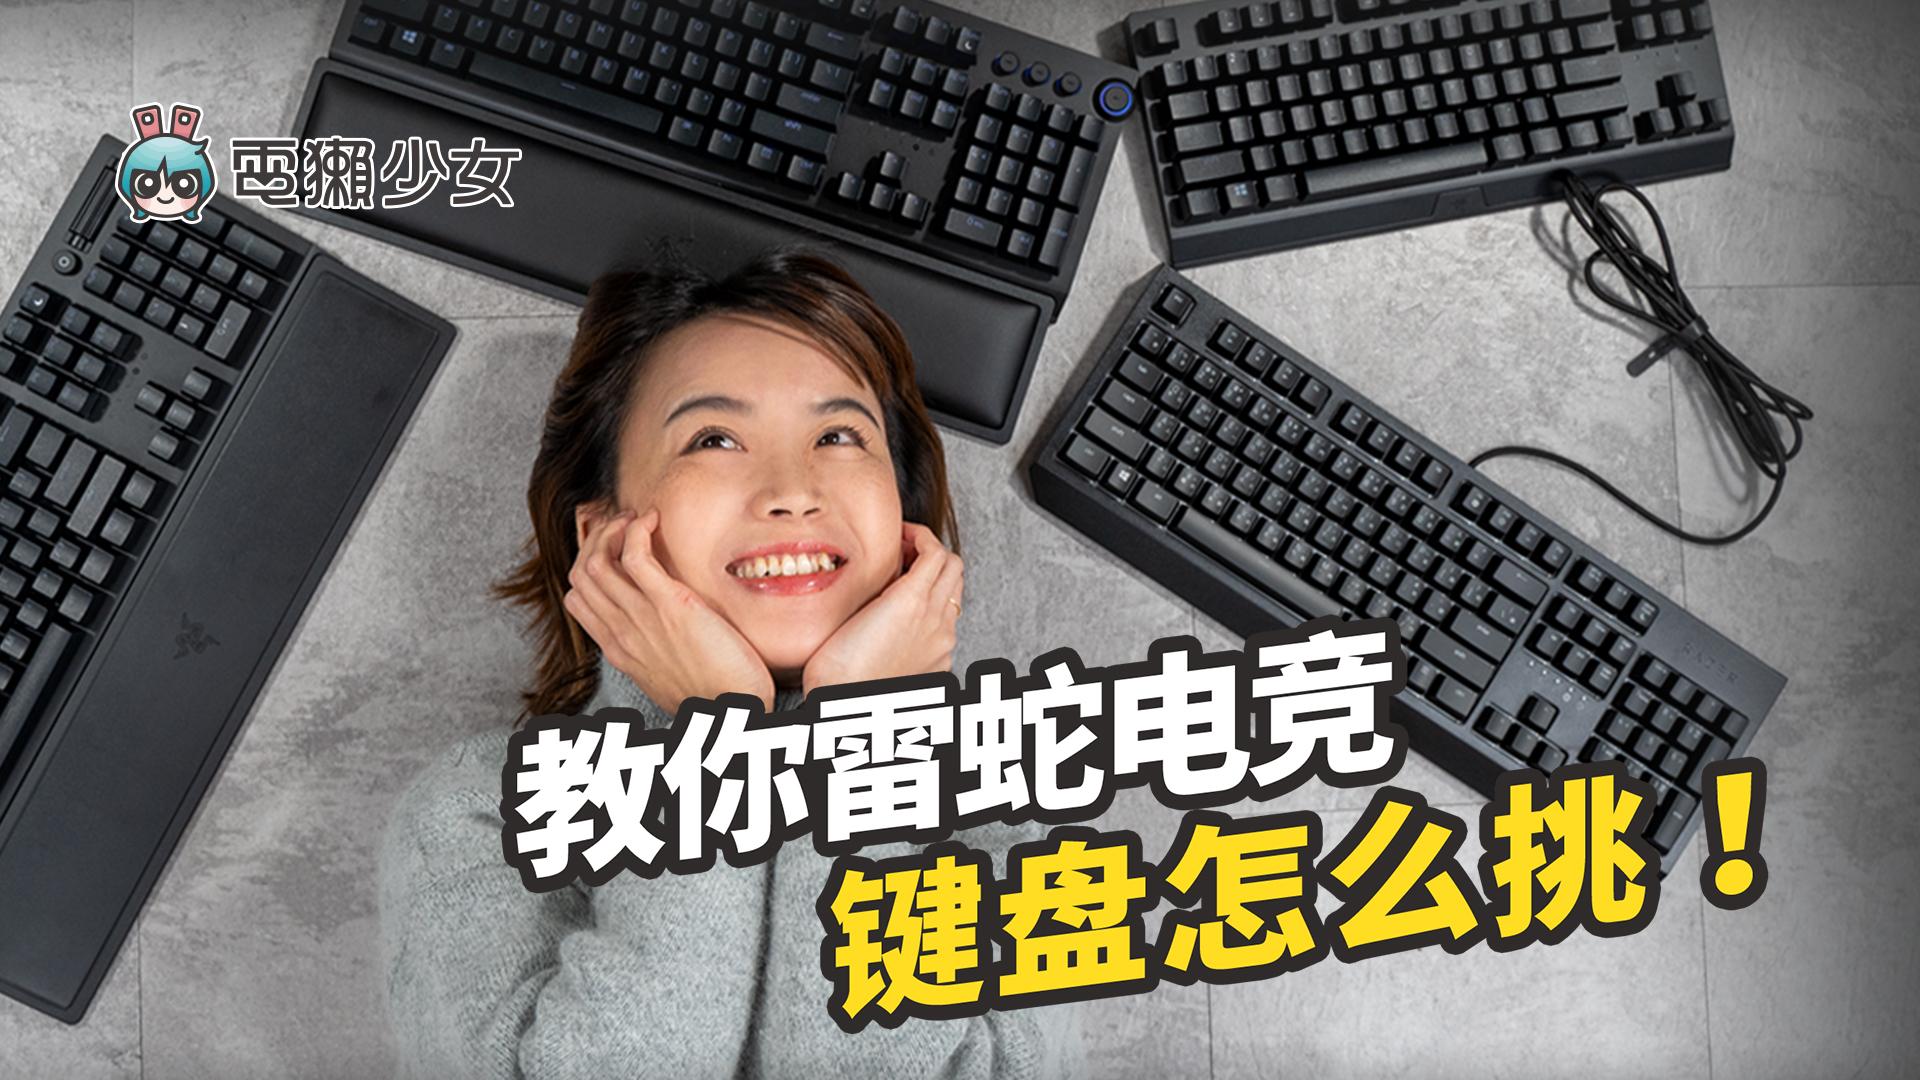 电獭少女|想挑电竞键盘?4款雷蛇产品大PK